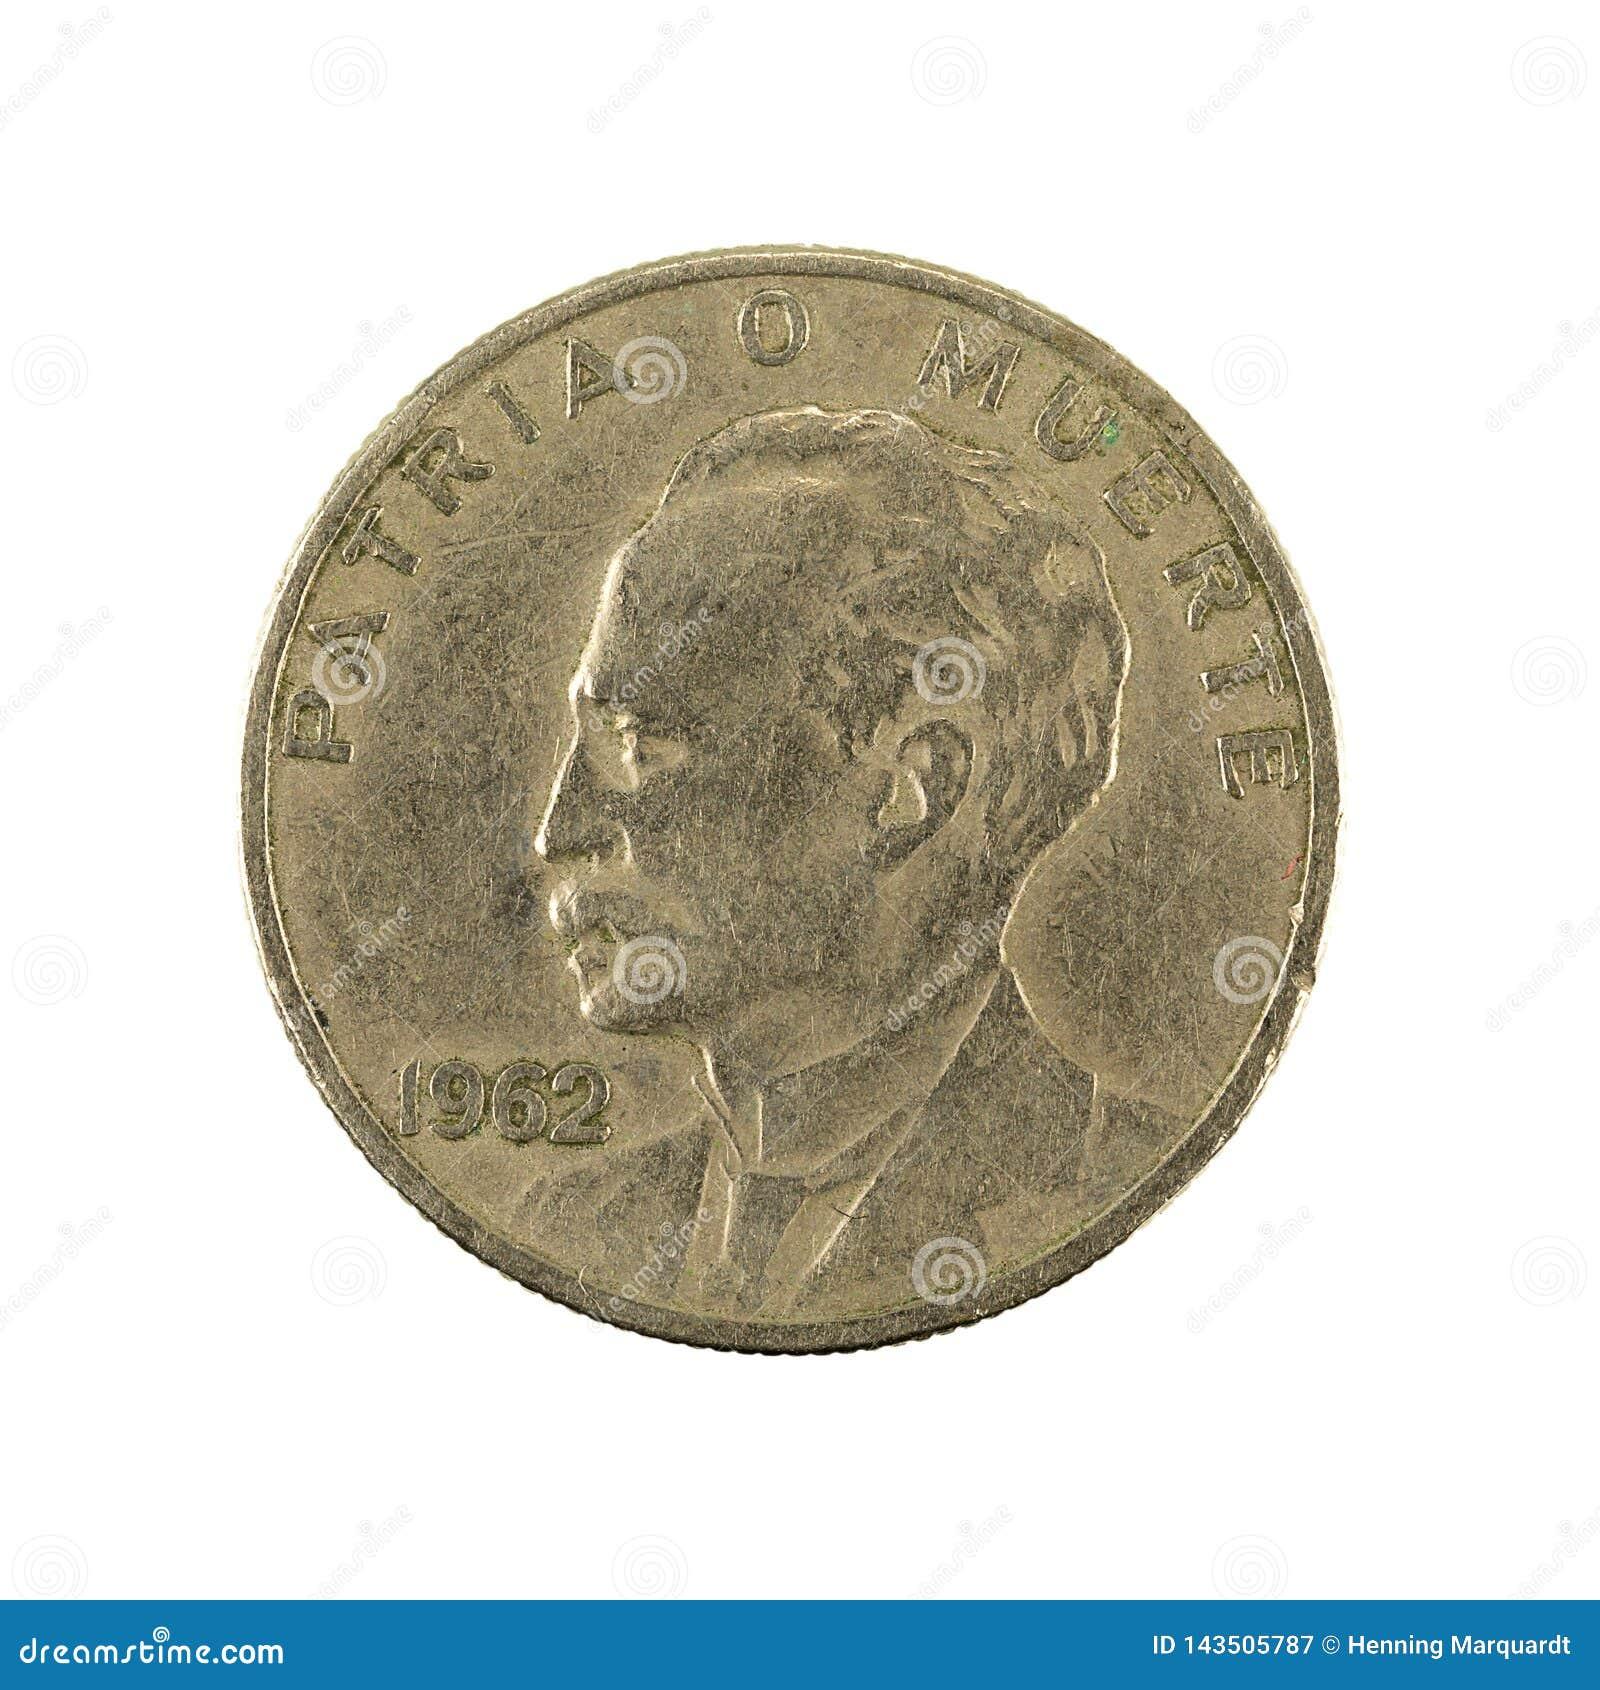 1962 cuban coin